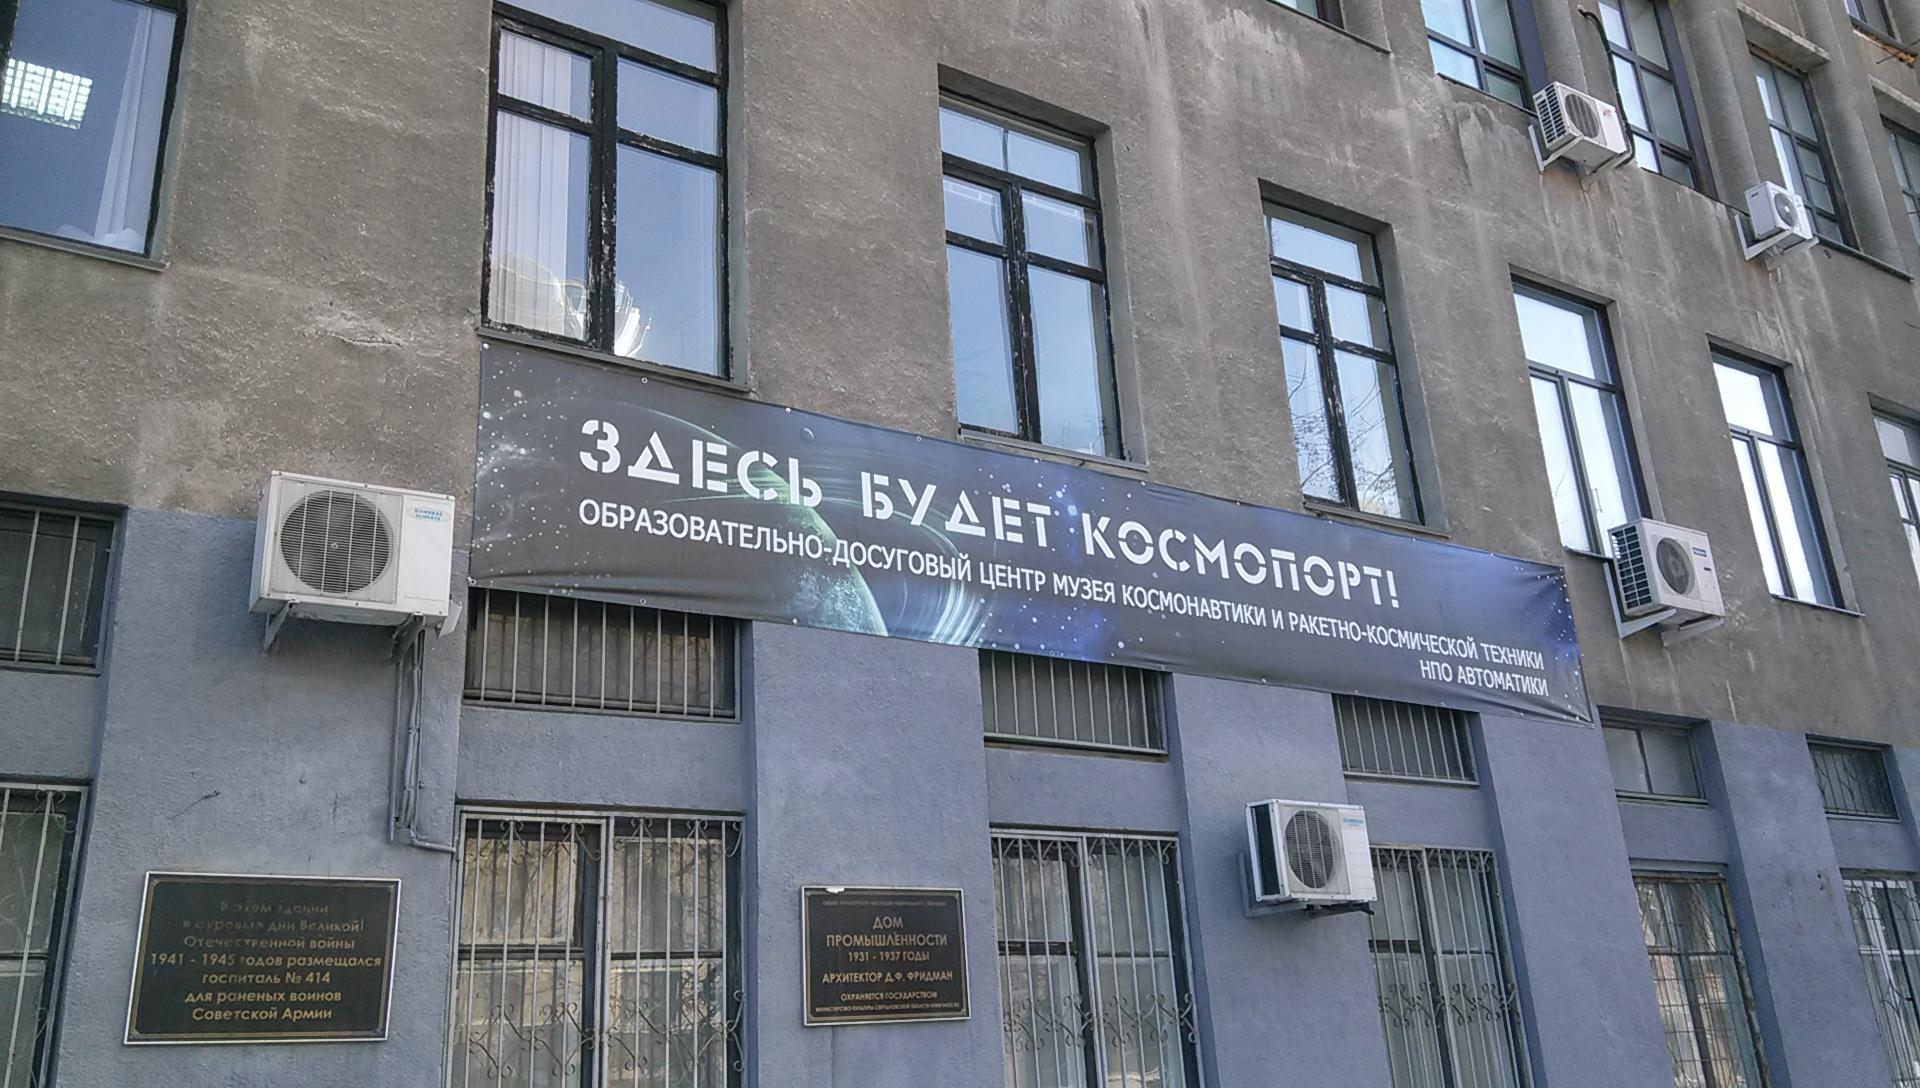 Бесплатные курсы по 3D печати для школьников в Екатеринбурге